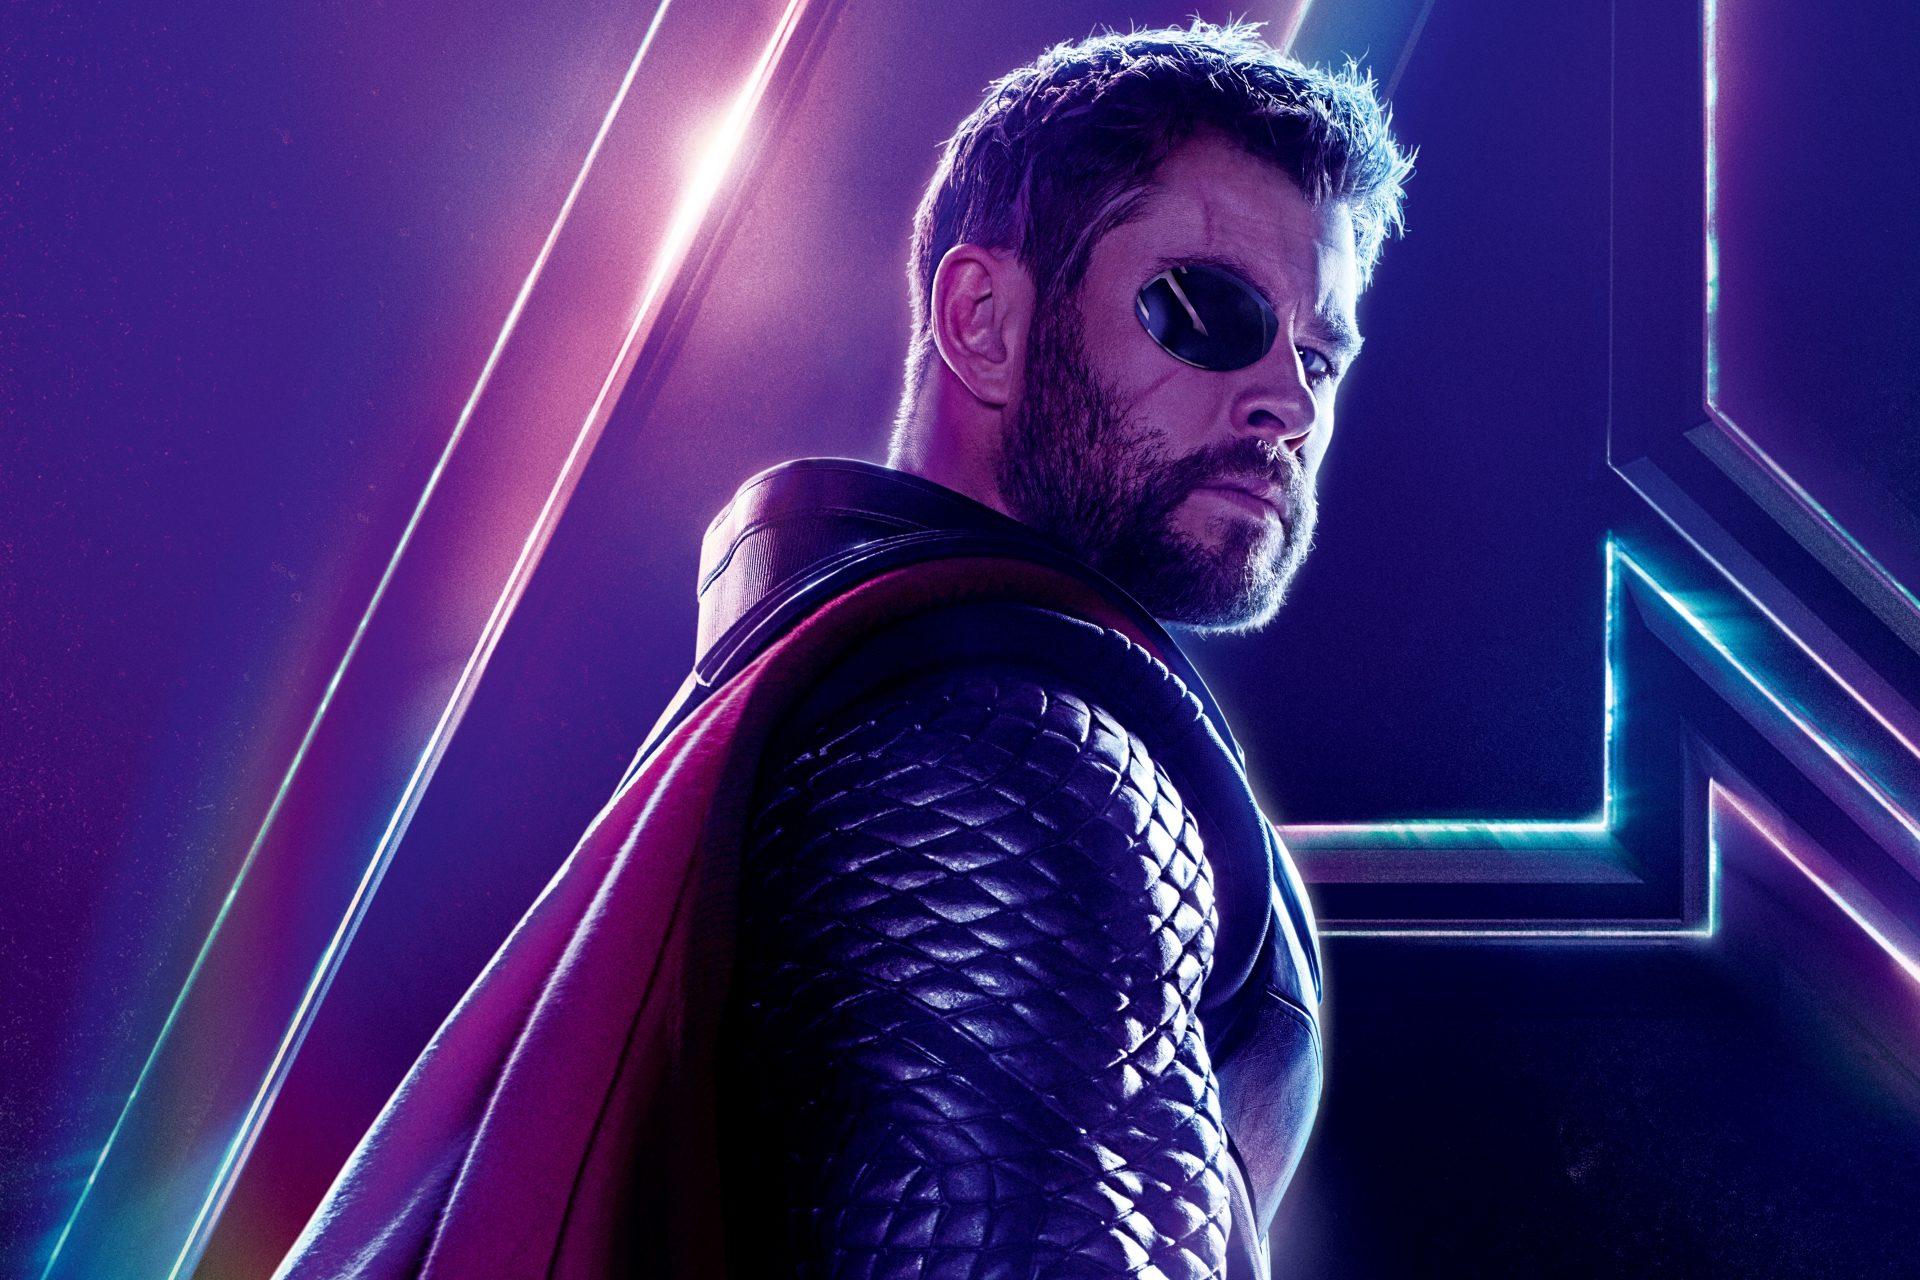 Avengers Infinity War 2018 Thanos 4k Uhd 3 2 3840x2560: Avengers: Infinity War (2018) Thor 8K Ultra HD Wallpaper